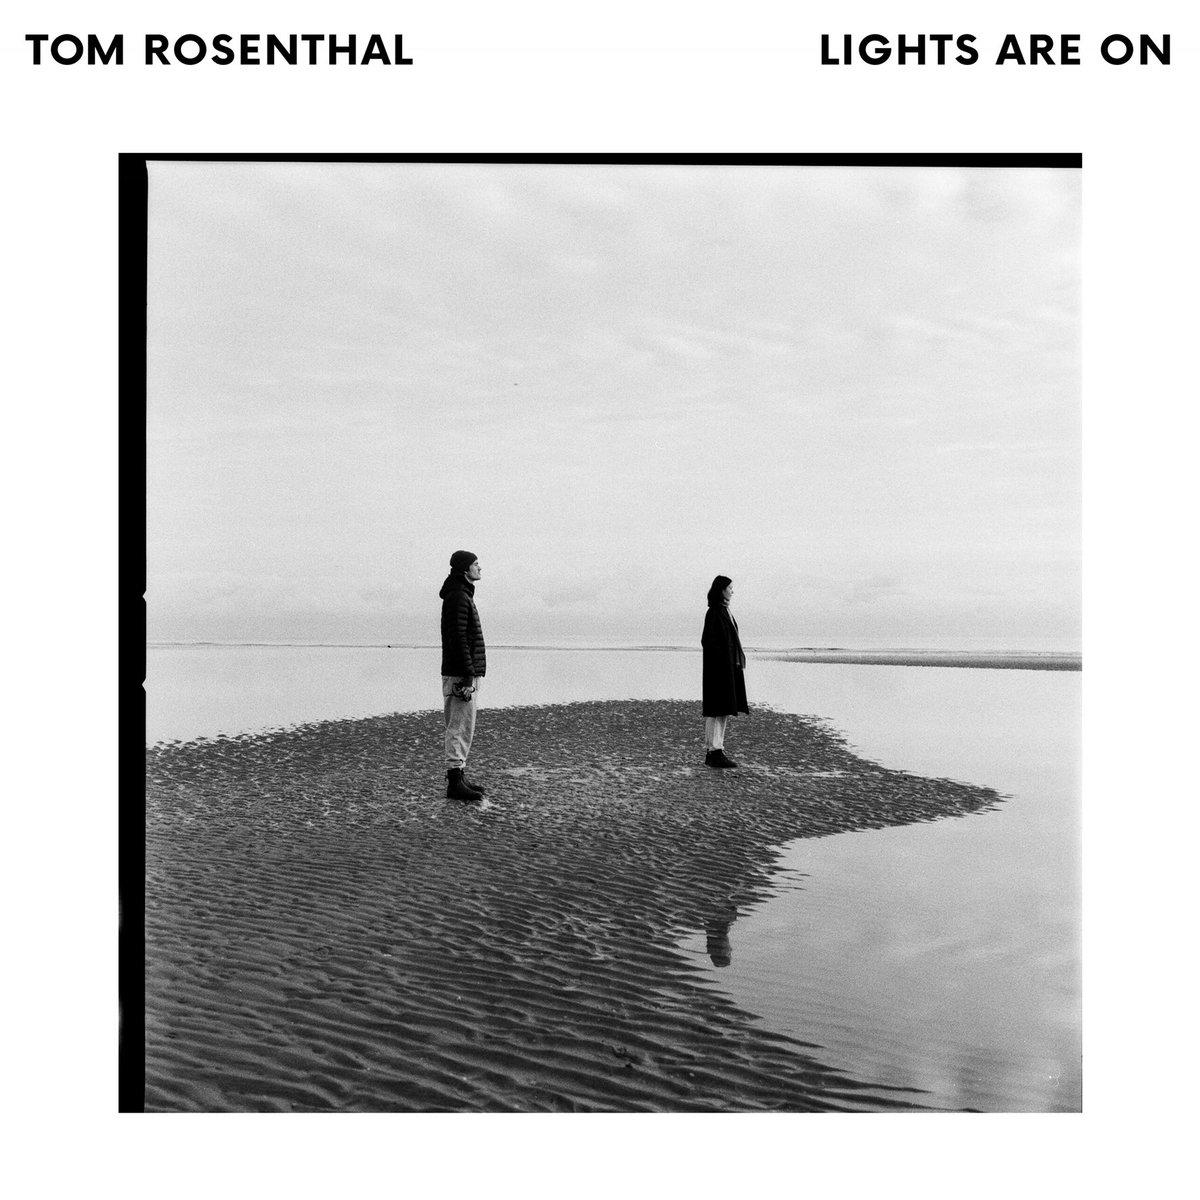 Tom Rosenthal on Twitter: